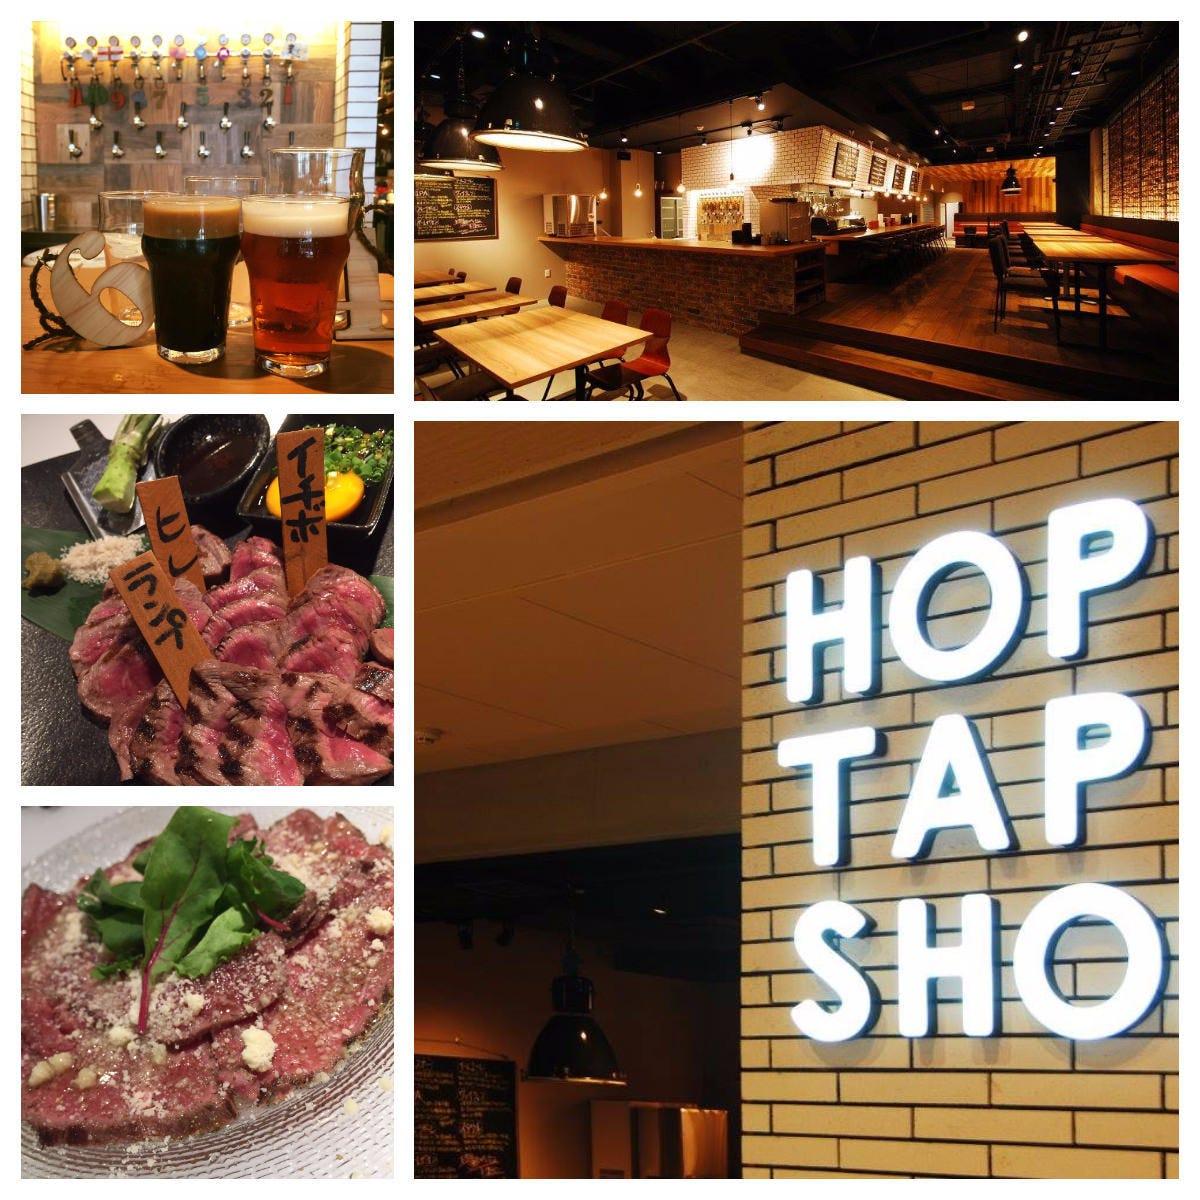 HOP TAP SHOP(ホップ タップ ショップ)のイメージ写真